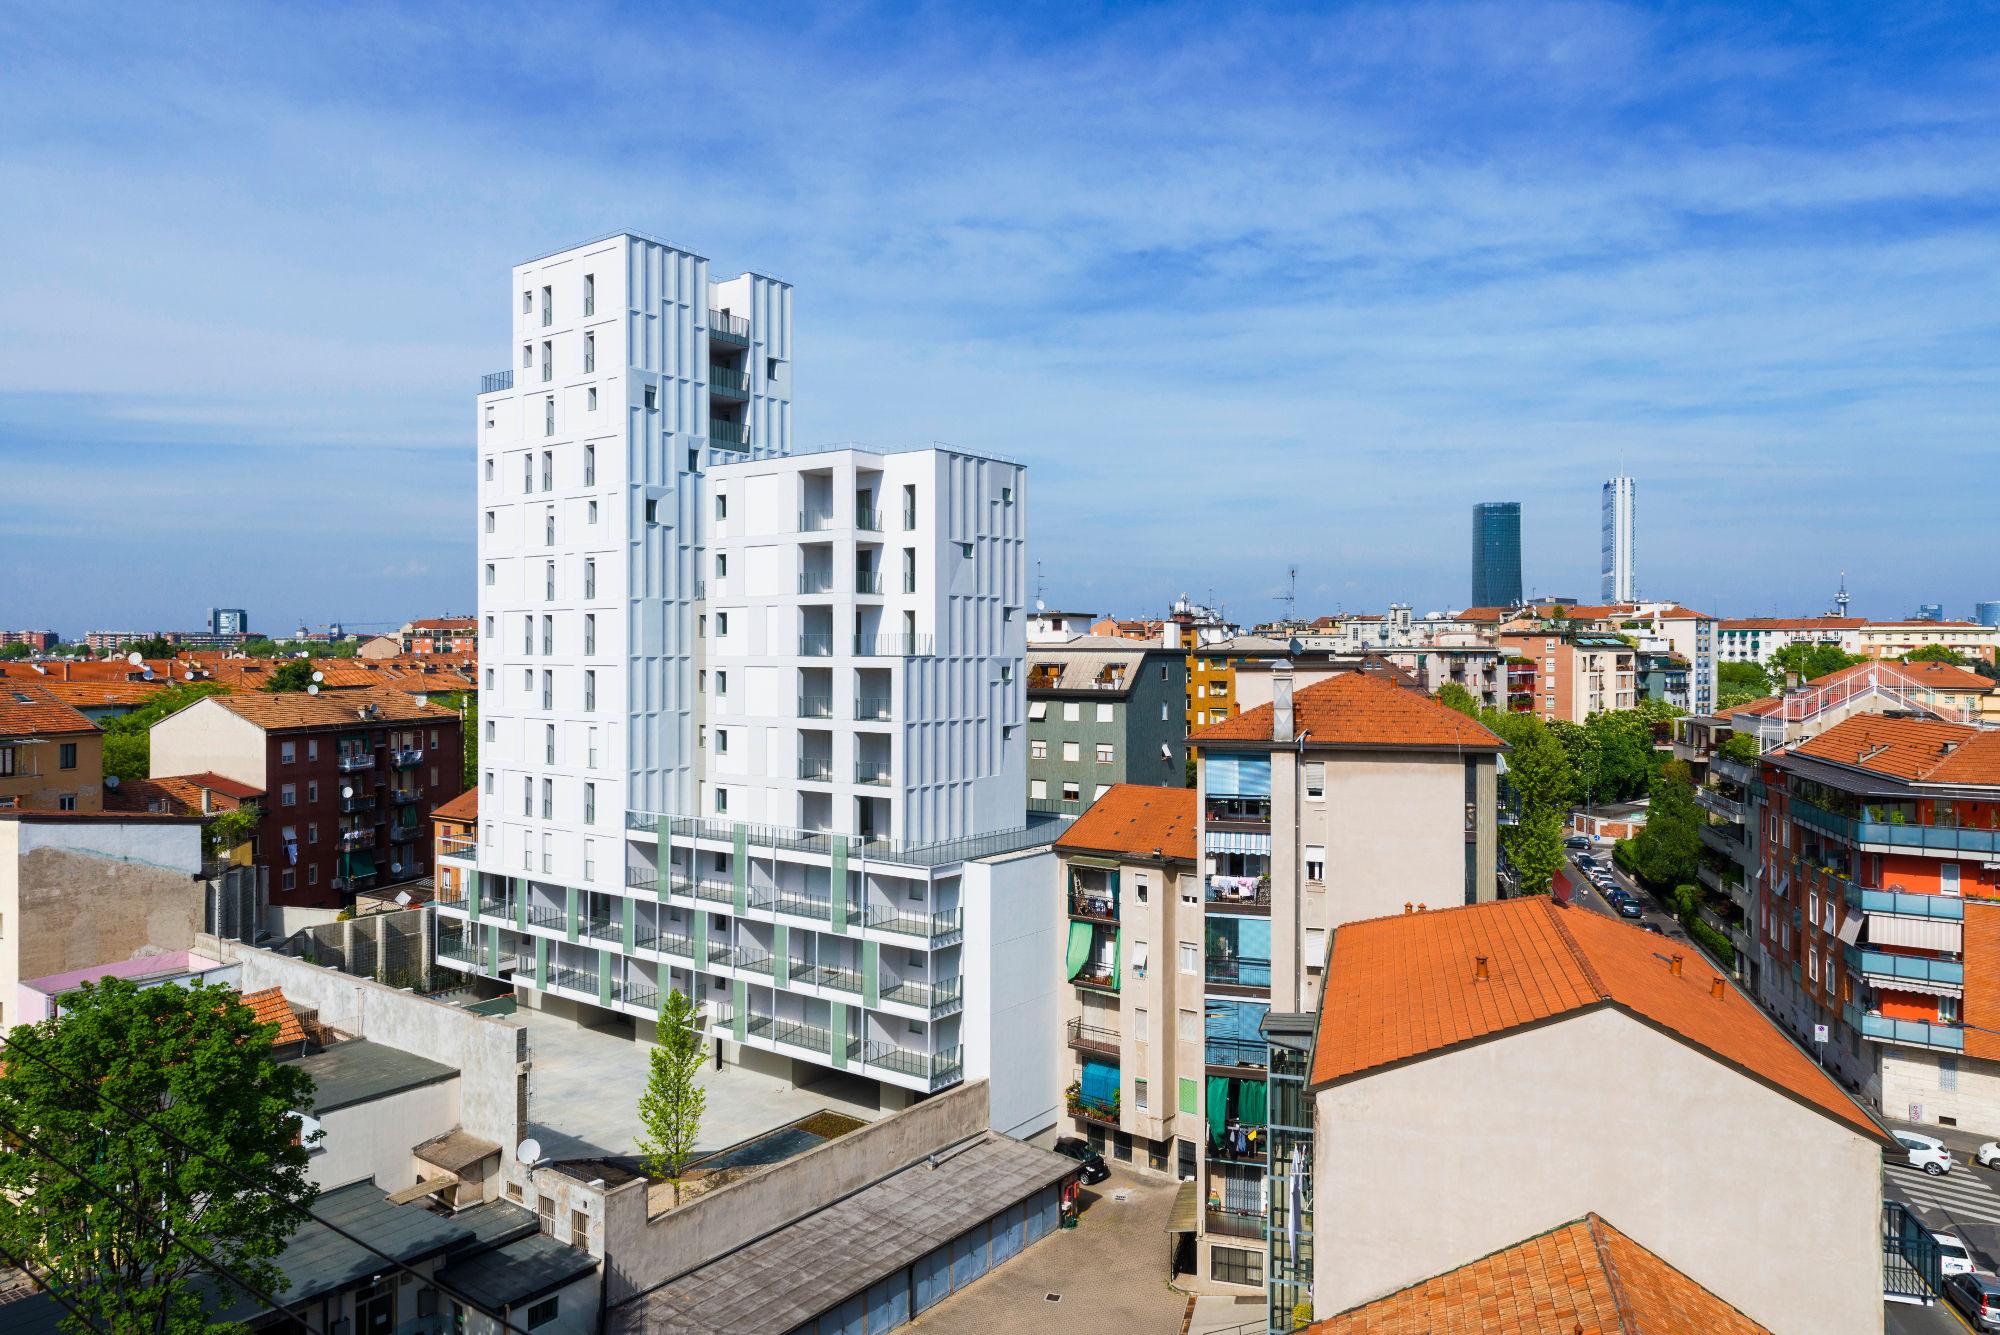 Nuovo edificio residenziale - image 2